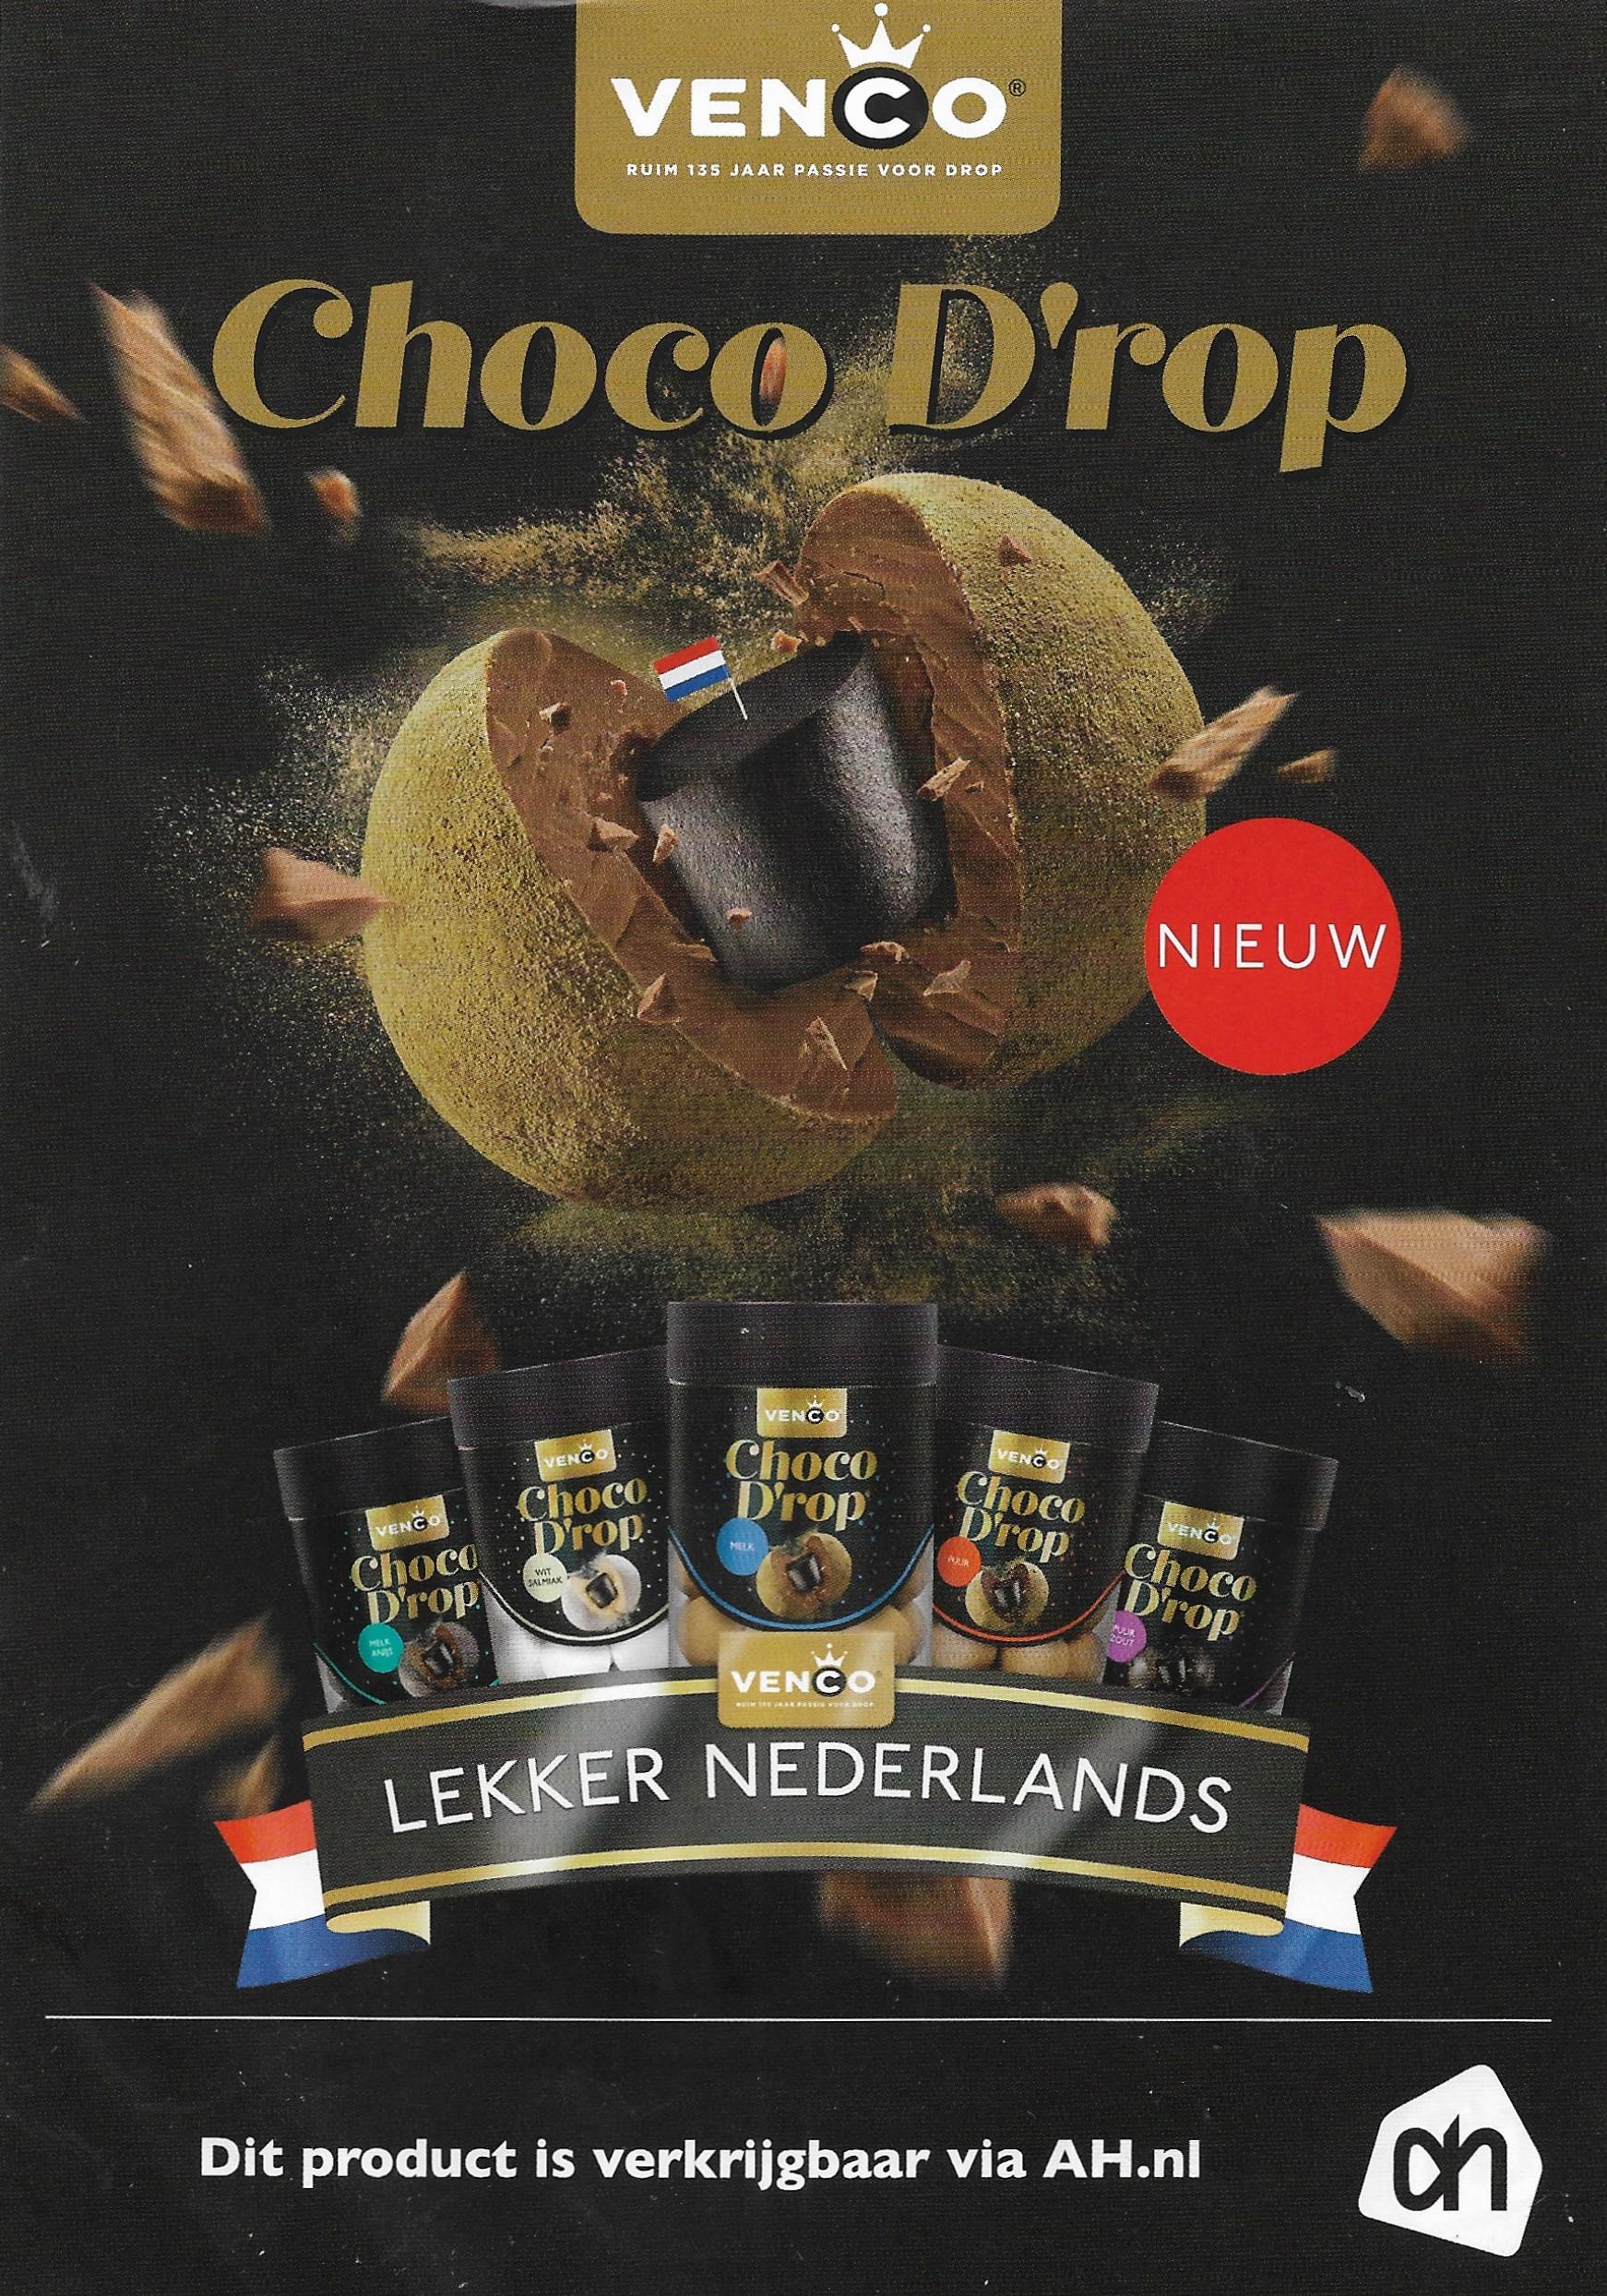 50% korting op Venco Choco D'rop bij AH